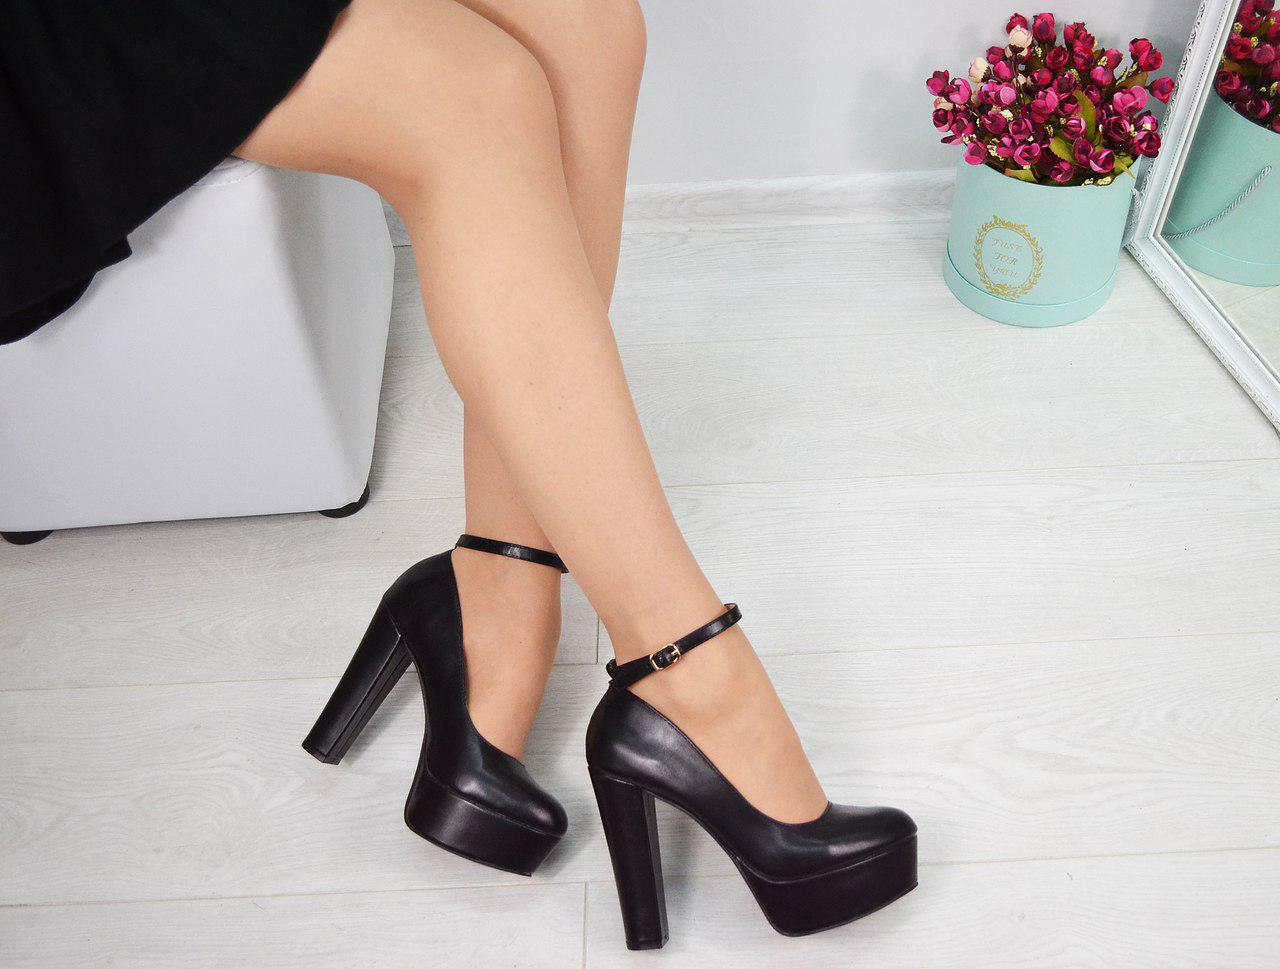 3be15b8e0b5b Женские туфли Lady ремешок на широком каблуке - Интернет-магазин Shopogolik  (женская обувь и